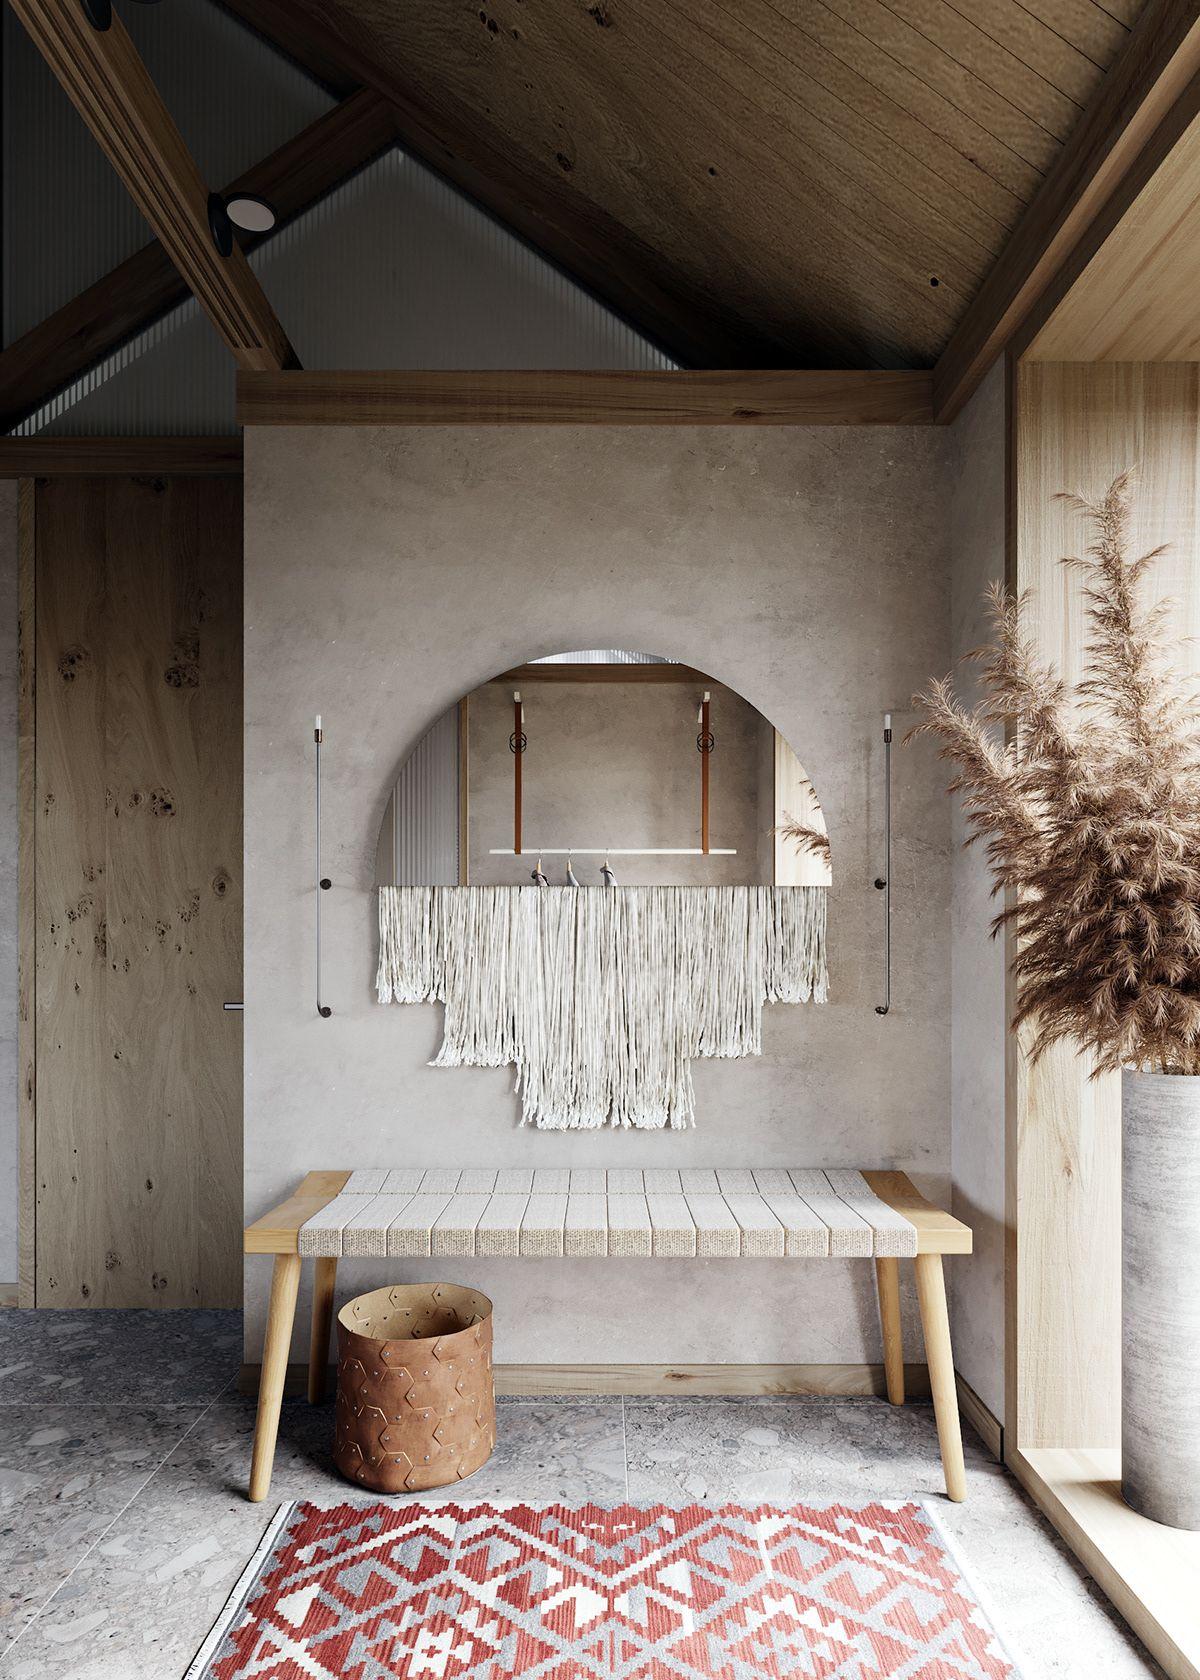 House Of Silence By Form Kouichi Kimura Architects: Beautiful Interior Inspiration From Marinina Maria: The